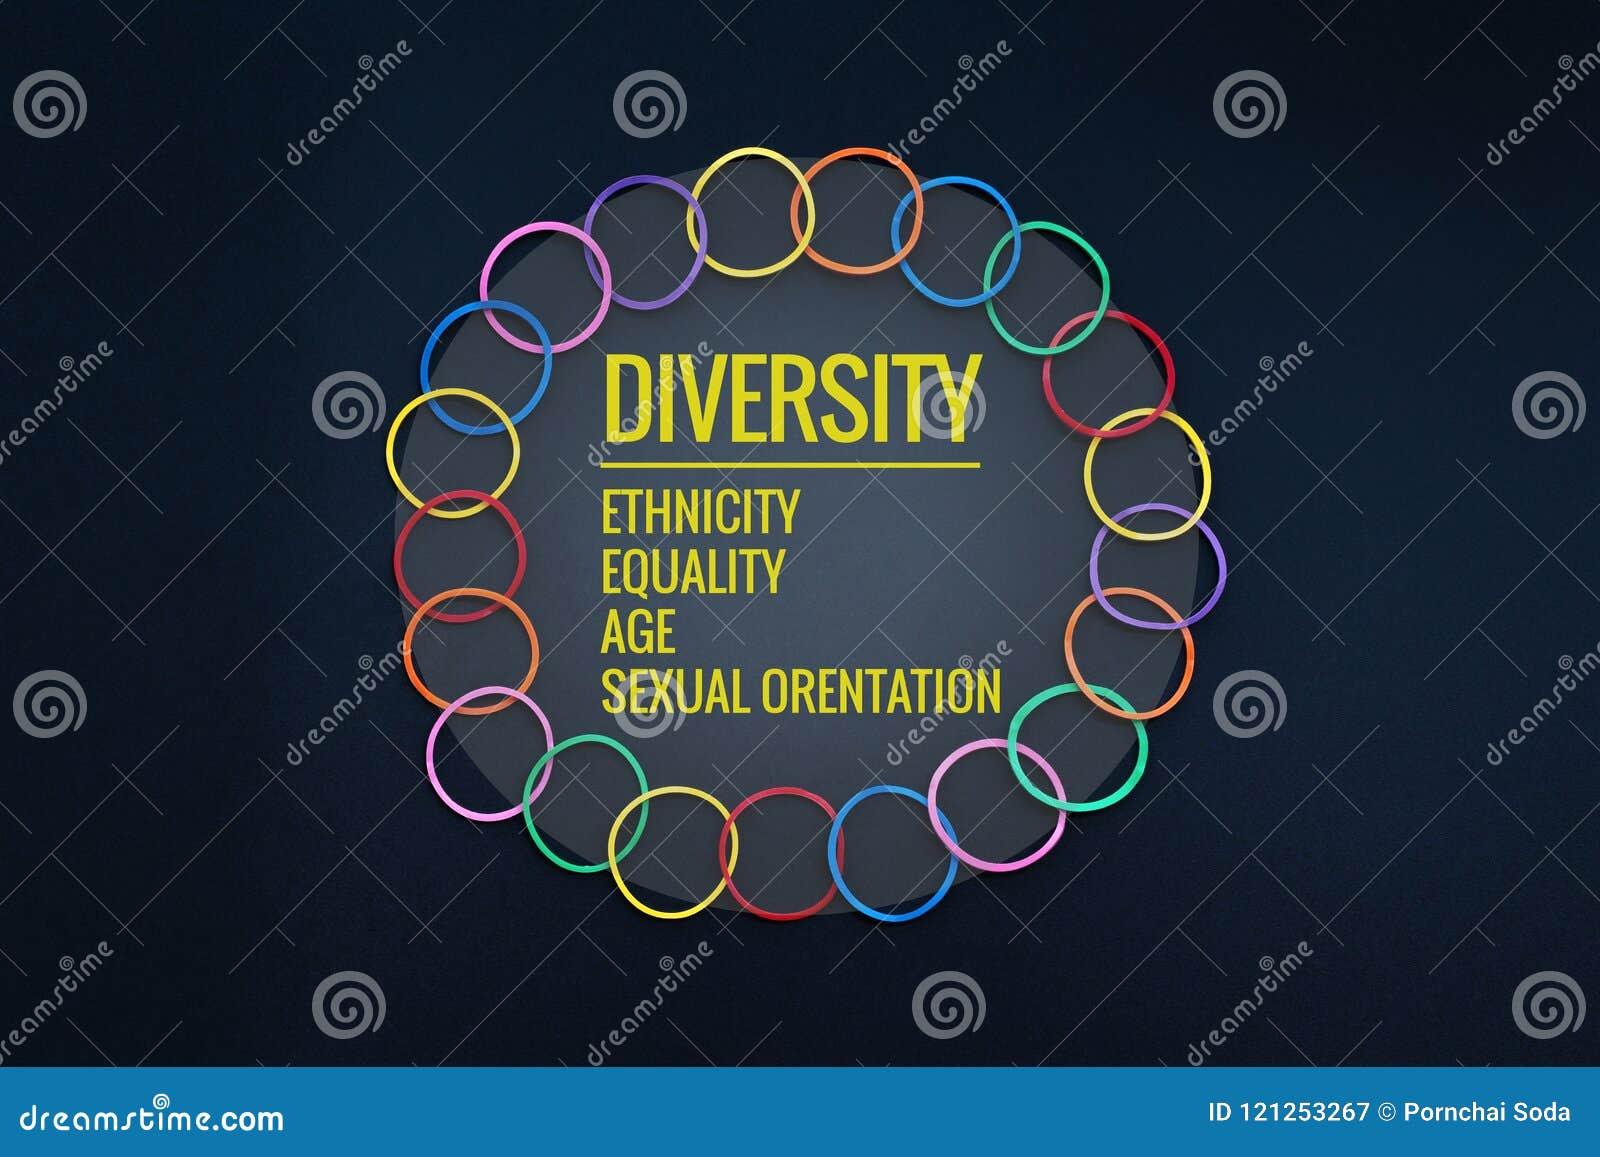 Eine farbige Nachricht vor Graun mischen Sie buntes Gummiband auf schwarzem Hintergrund mit Text Verschiedenartigkeit, Ethnie, Gl